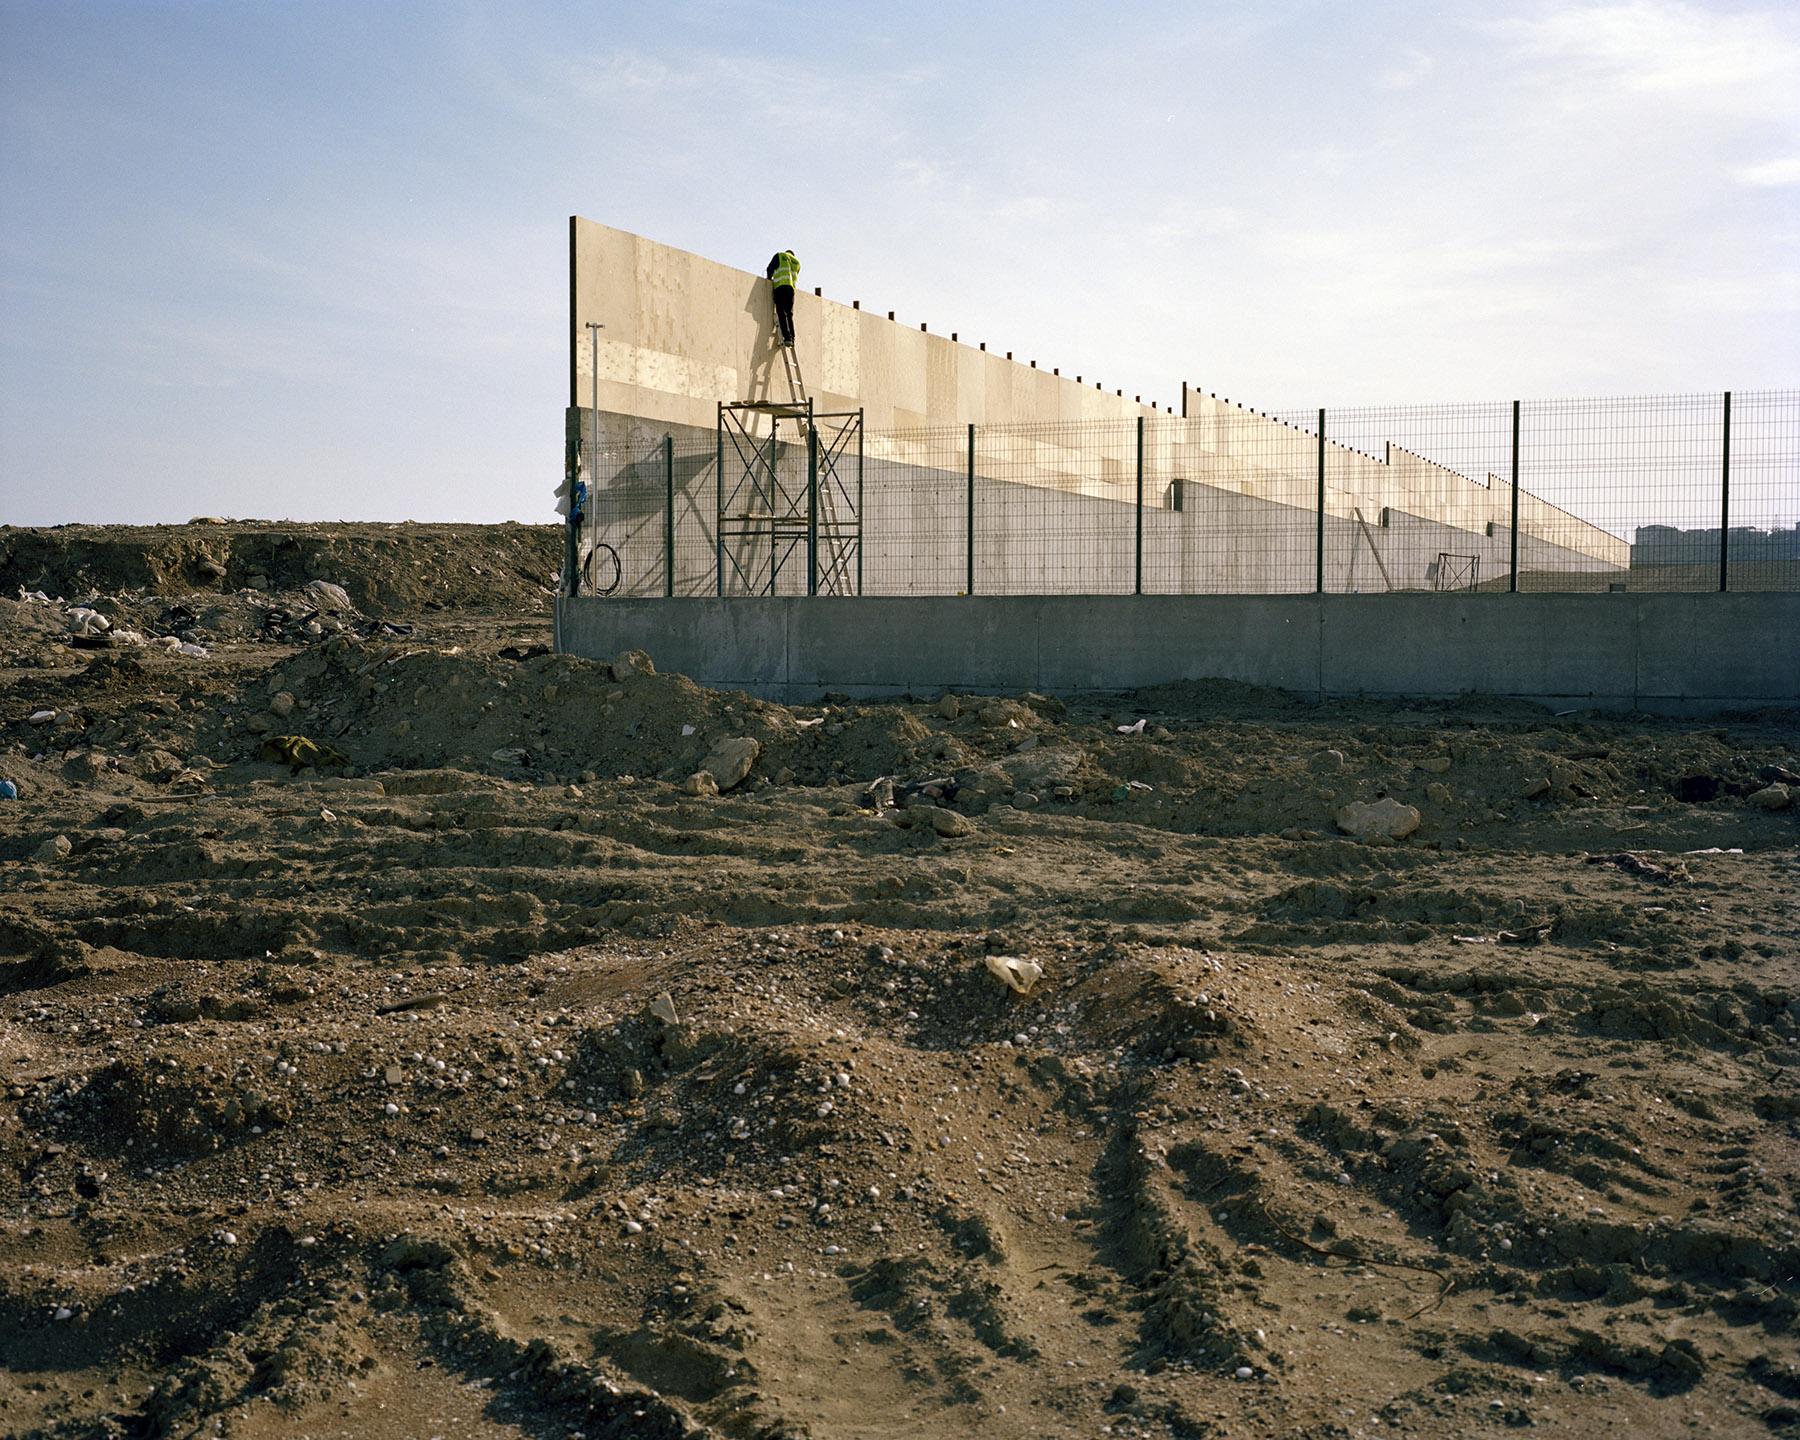 2015 год: Человек строит стену. Большие стены — обычное дело для Баку. Они часто не служат иной цели, кроме как скрыть менее «приятные достопримечательности» — ветхие дома бедняков или строящиеся районы.